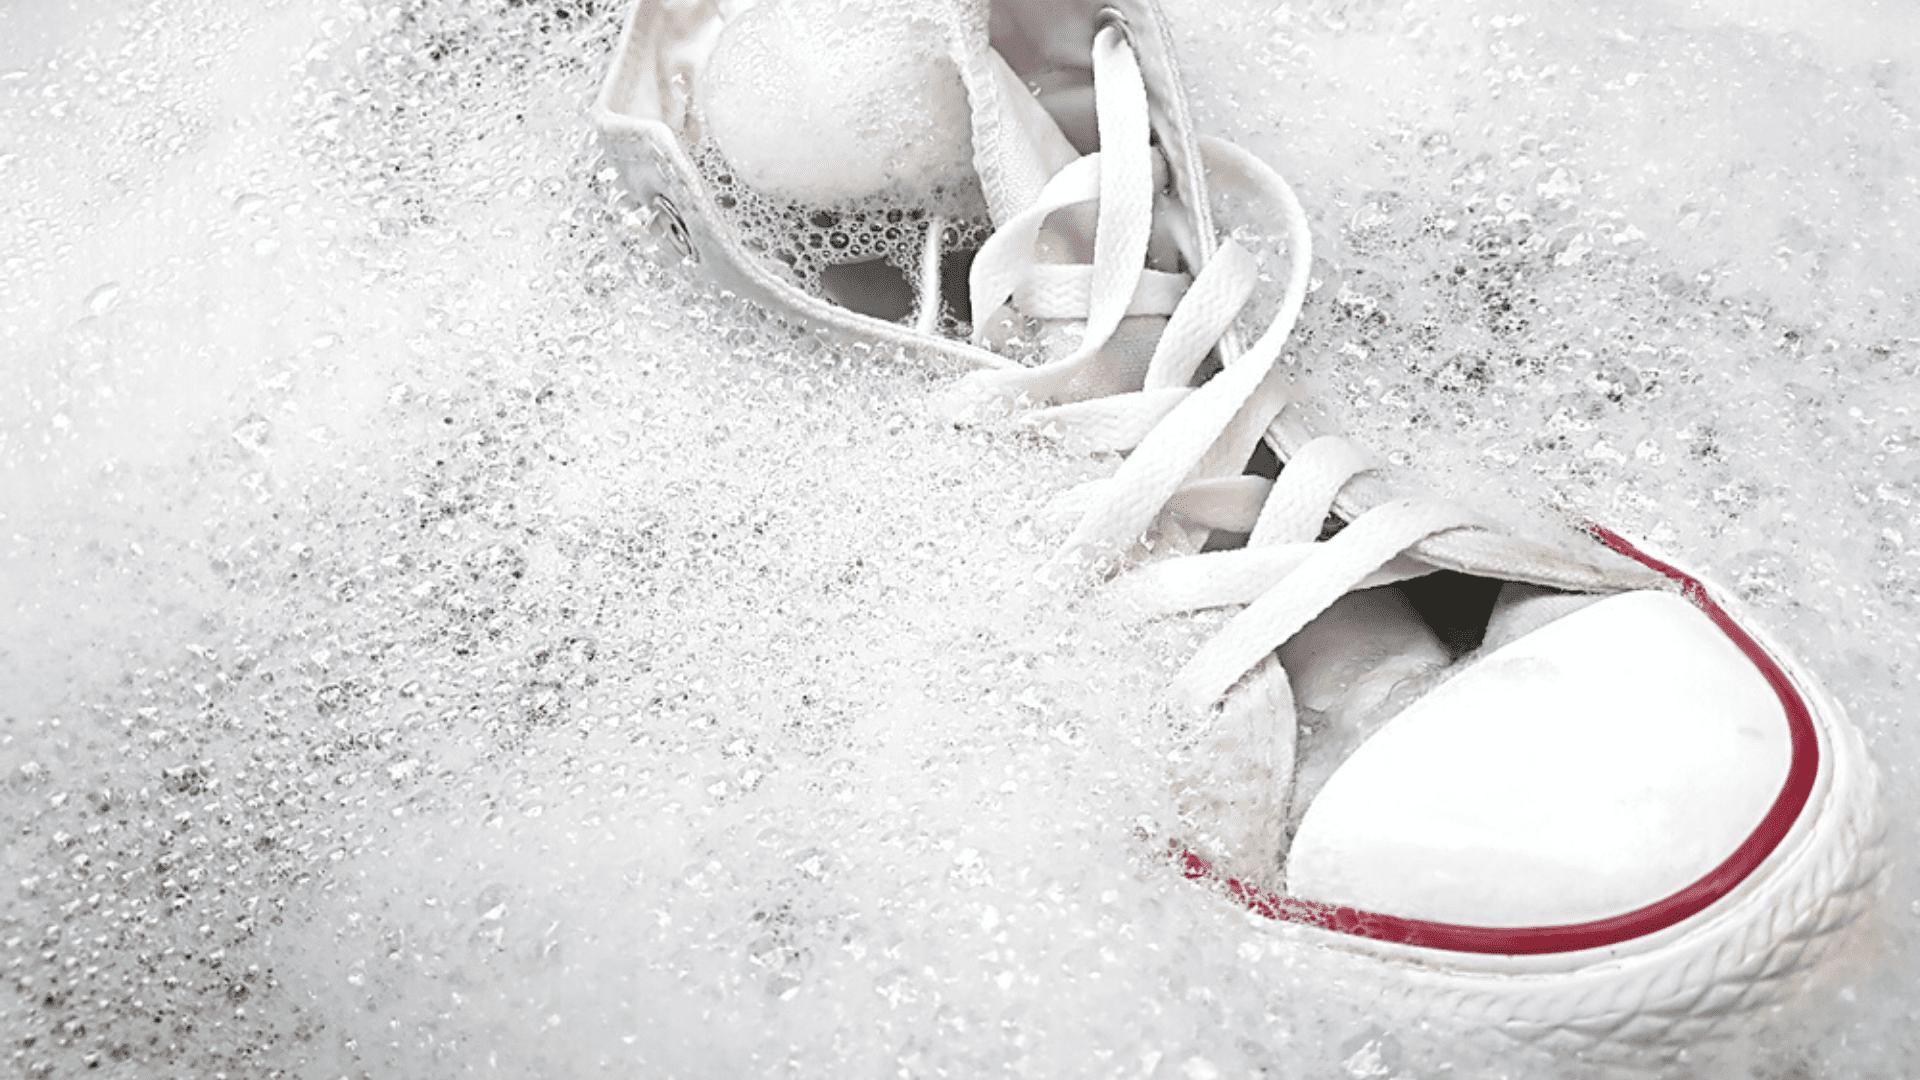 É possível tirar o amarelado do tênis branco com alvejante (Imagem: Reprodução/Shutterstock)